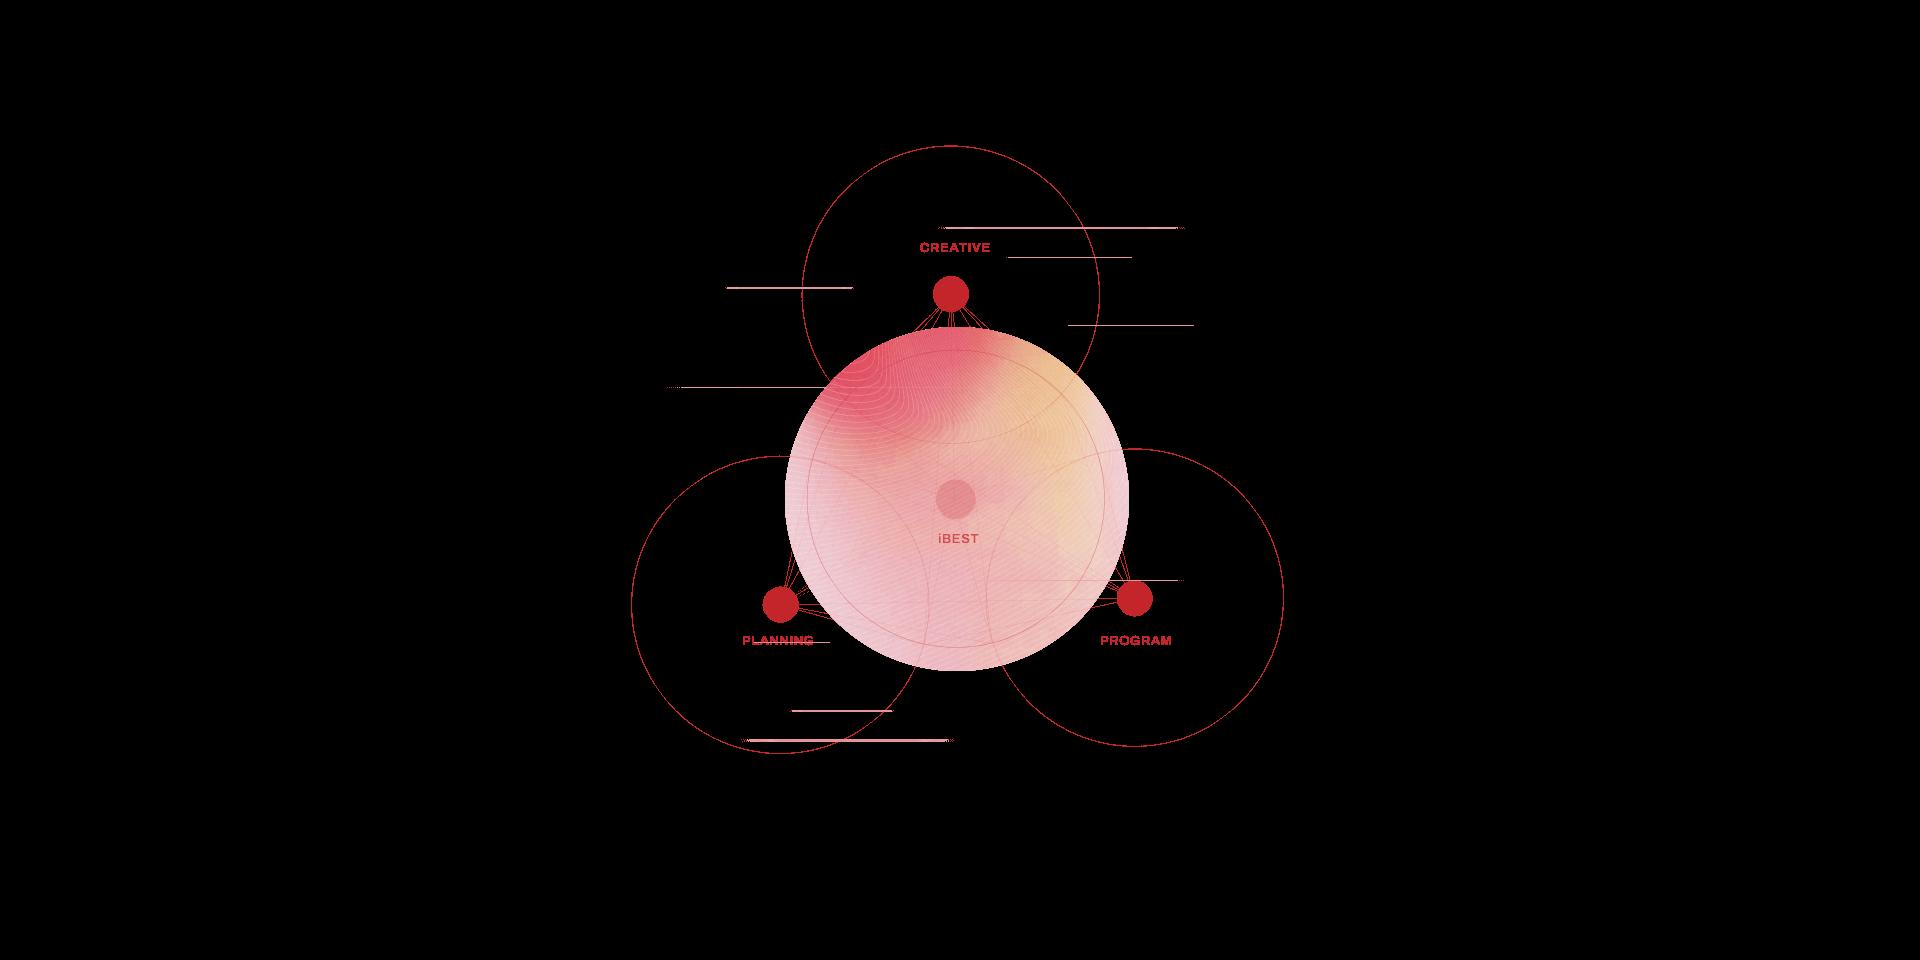 愛貝斯網路設計三元素